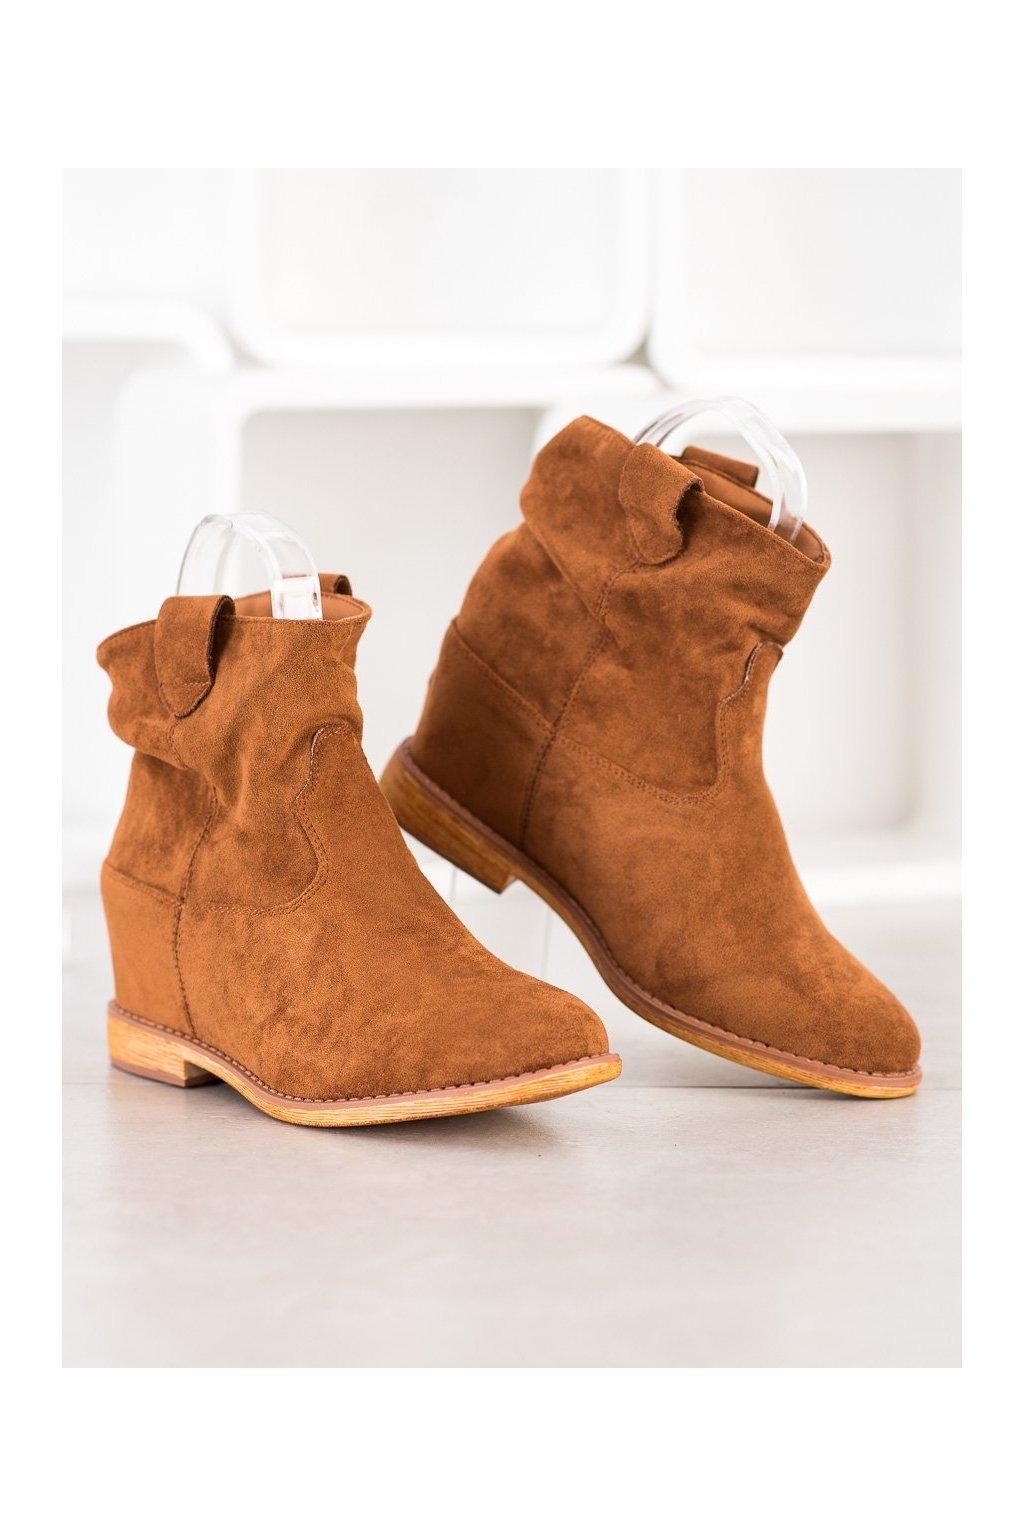 Hnedé dámske topánky Sergio leone kod ZT1011C